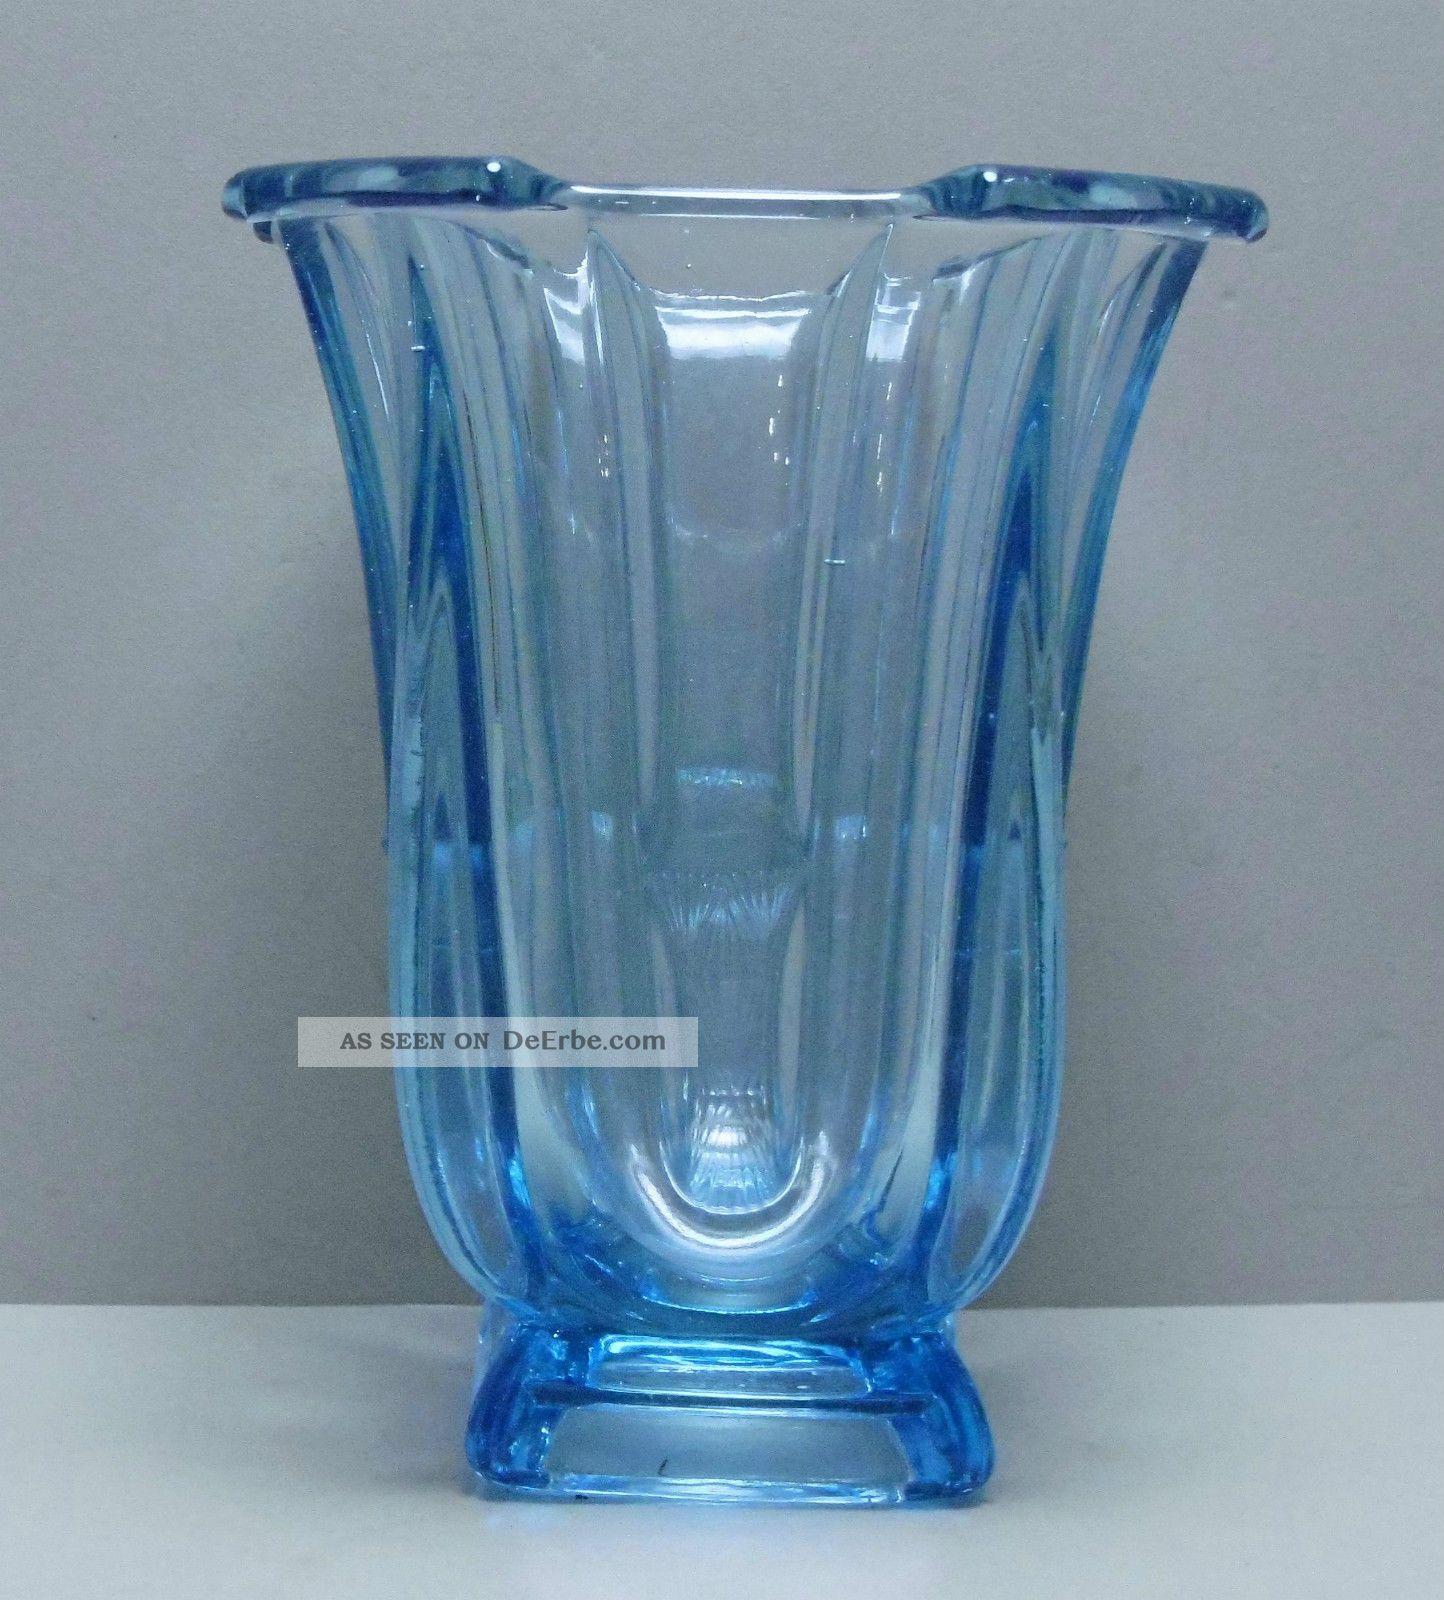 Jugendstil Vase Tischvase Pokal Hellblau 16 Cm /r4/2 Sammlerglas Bild